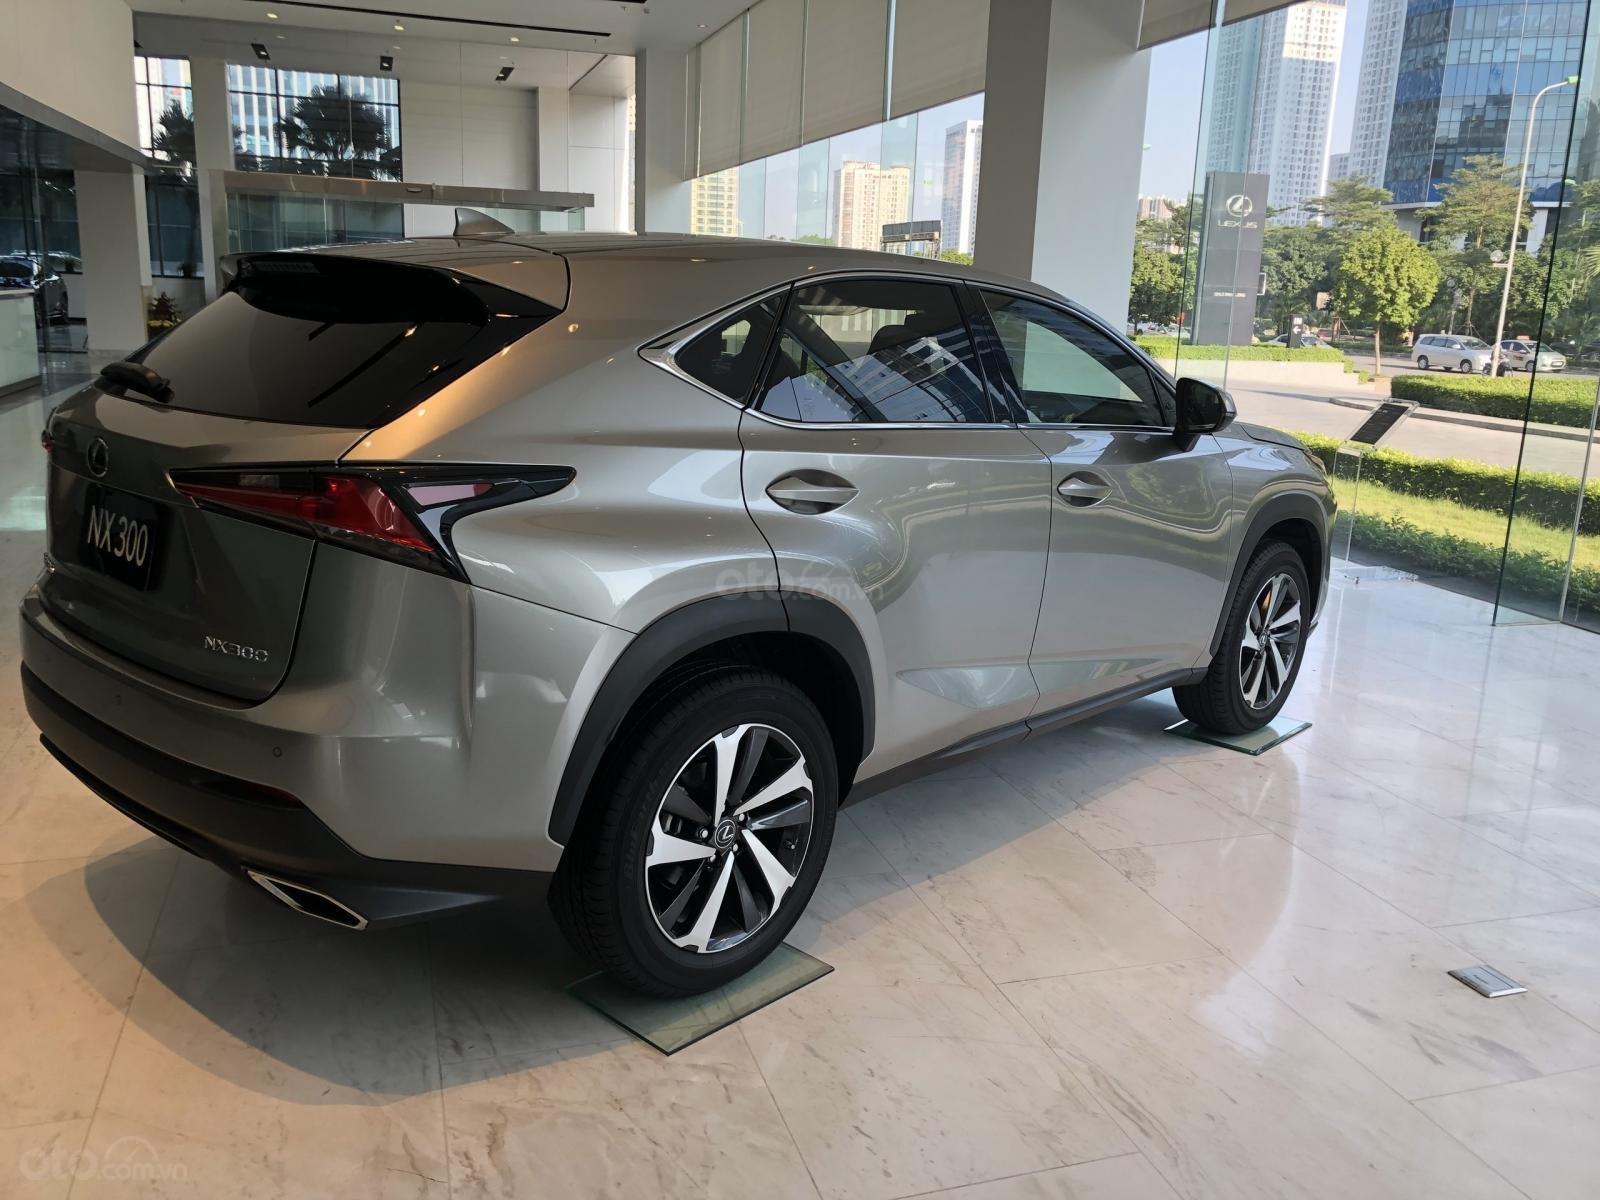 Bán xe Lexus NX300 2020 ưu đãi đặc biệt (4)